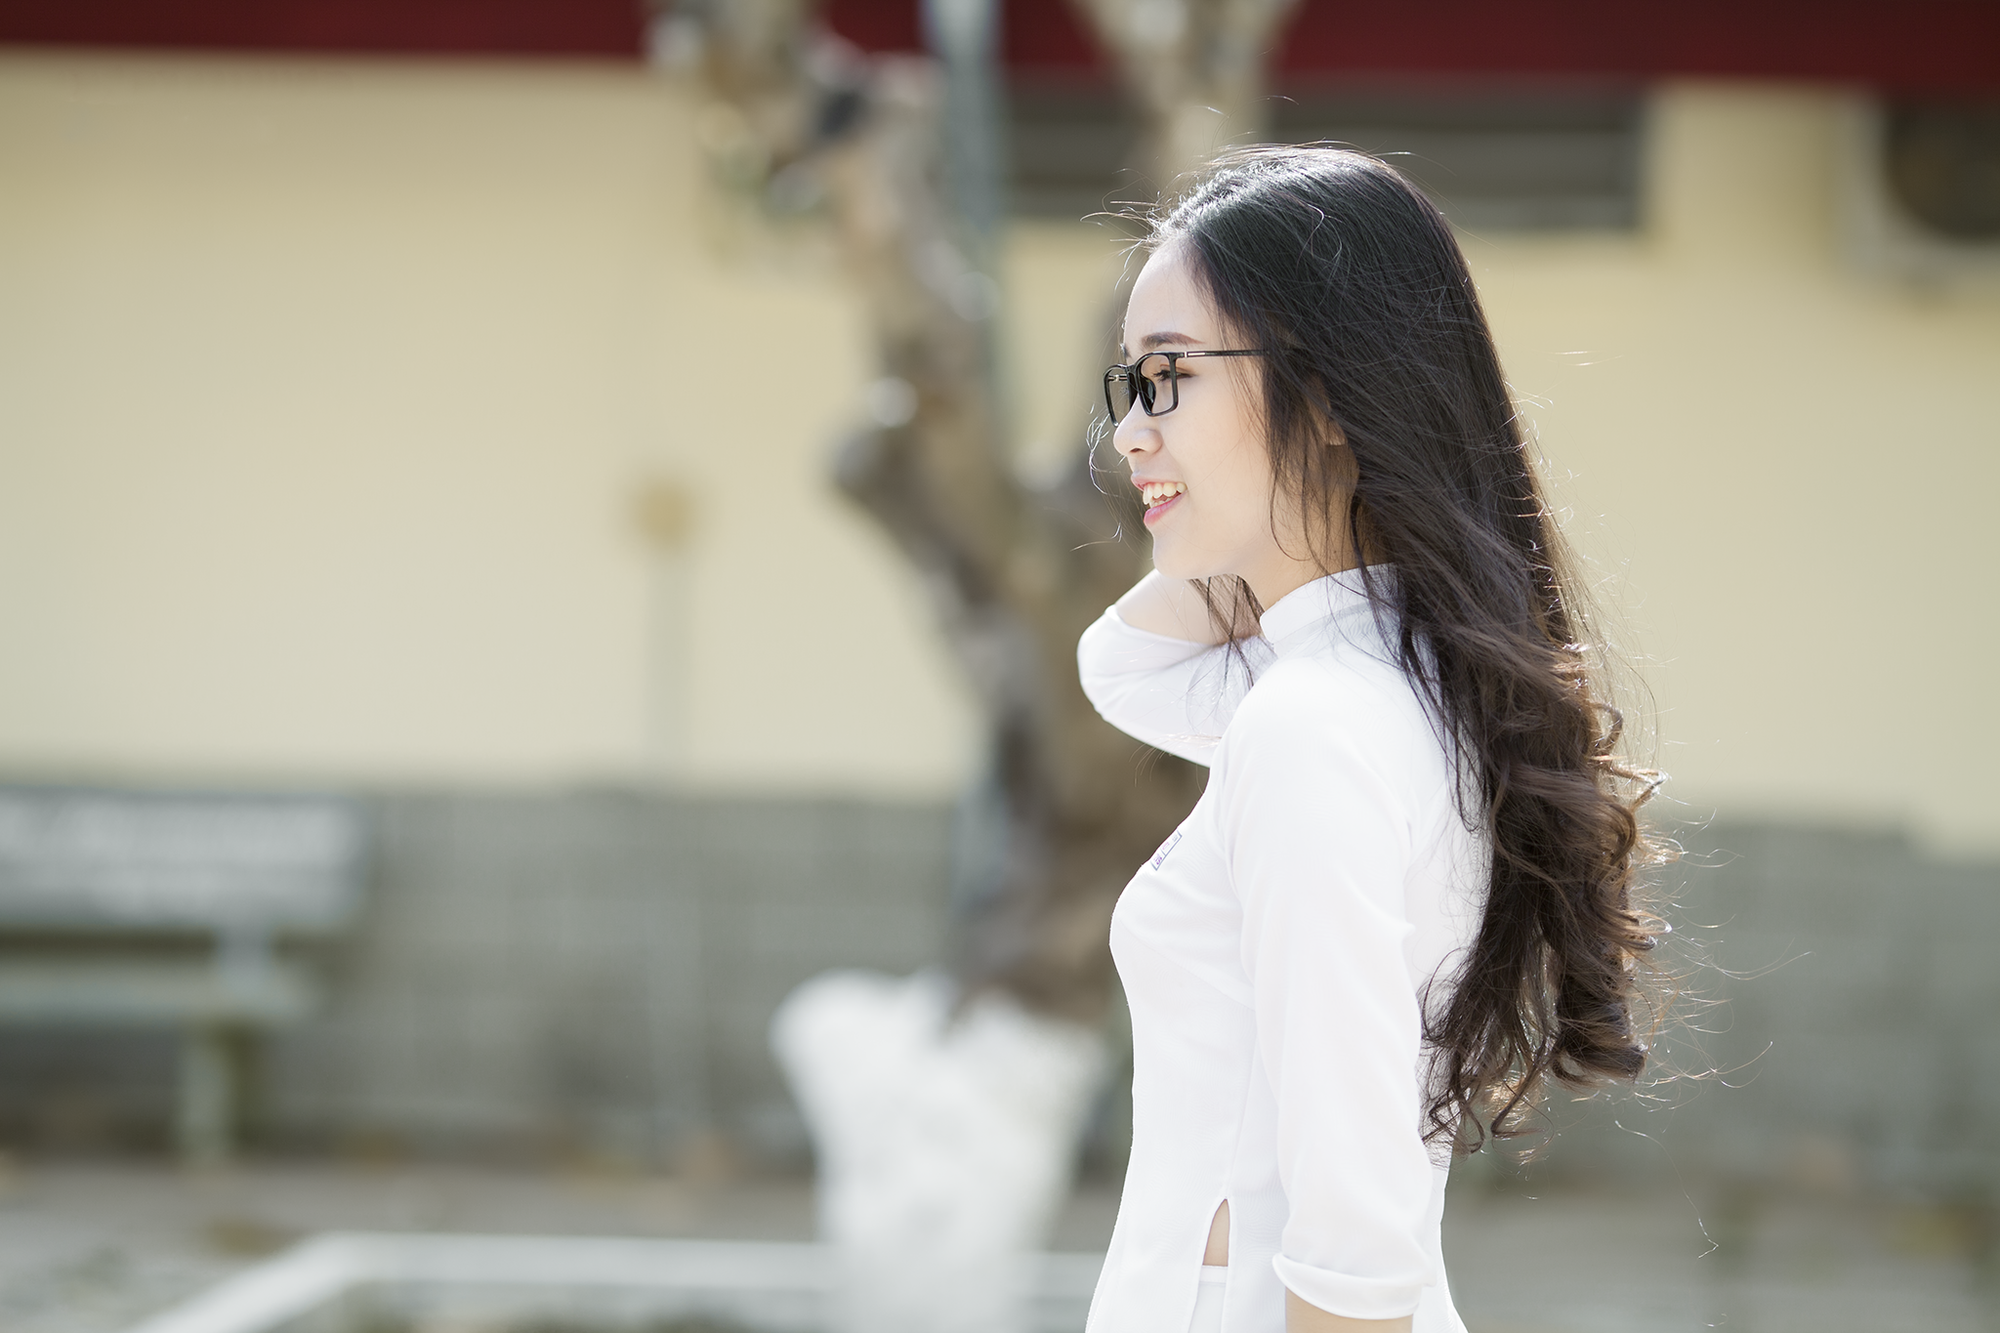 Không thể rời mắt trước bộ hình áo dài quá xinh của nữ sinh 2000 đến từ Đắk Lắk - Ảnh 7.